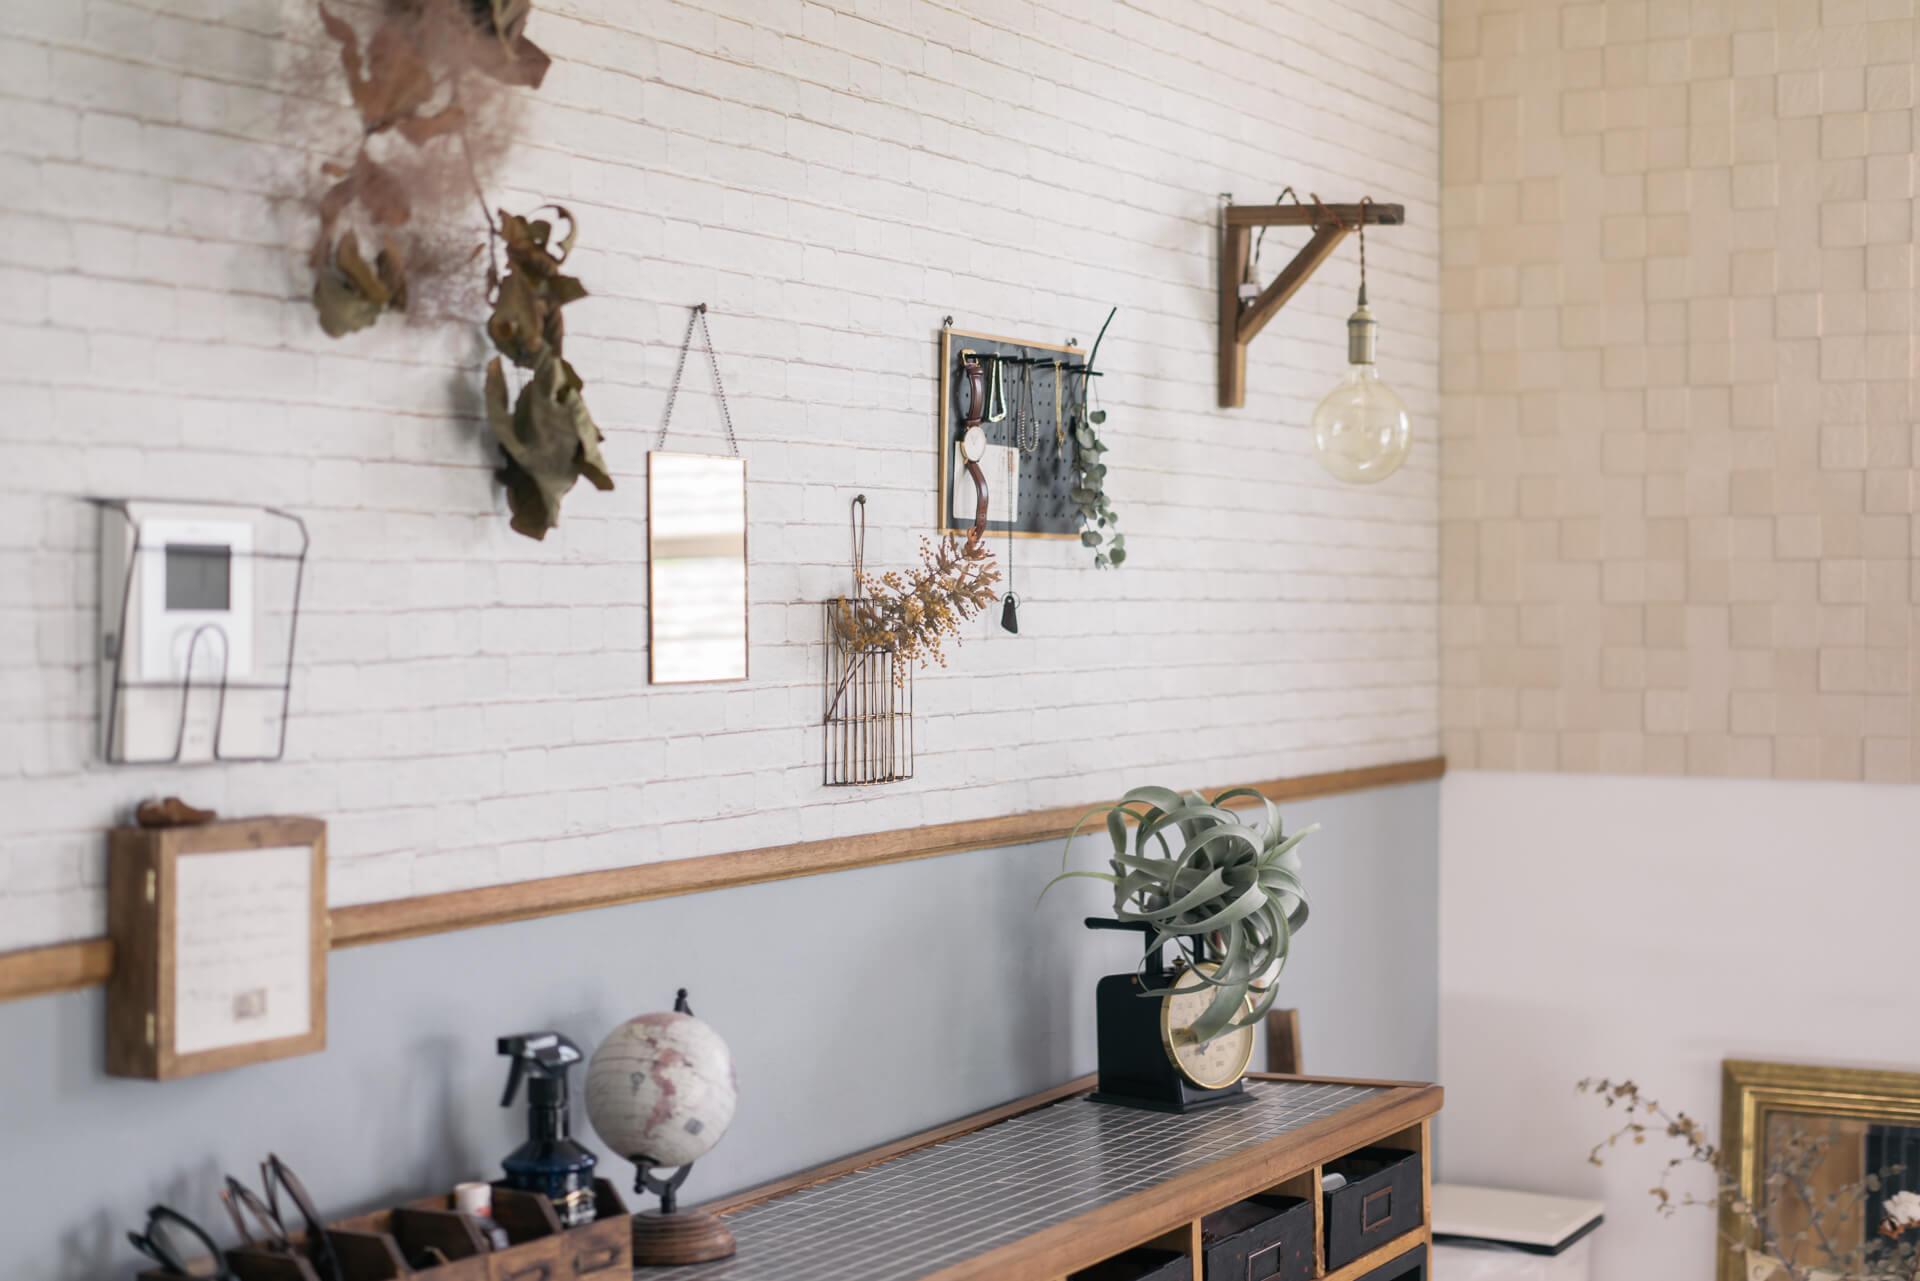 レンガ風の壁紙を貼ったり、色を塗ったり。楽しい雑貨やグリーン、ドライフラワーが絶妙なバランスで飾られています。